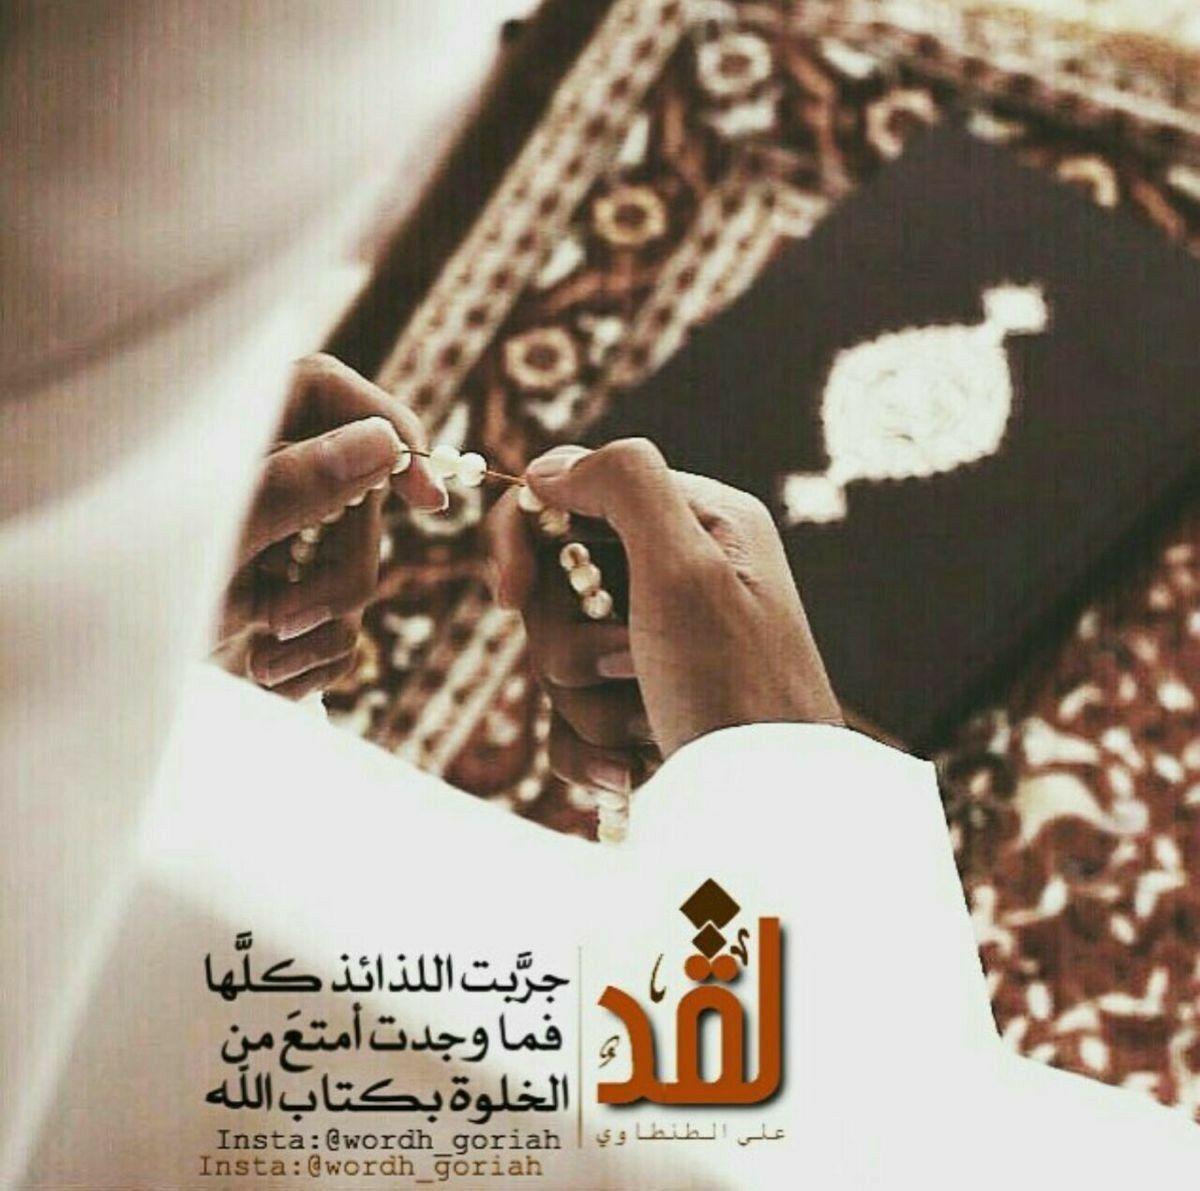 اللهم اجعل القران العظيم ربيع قلوبنا ونور صدورنا وجلاء همومنا القرآن الكريم شفاء لما في الصدور